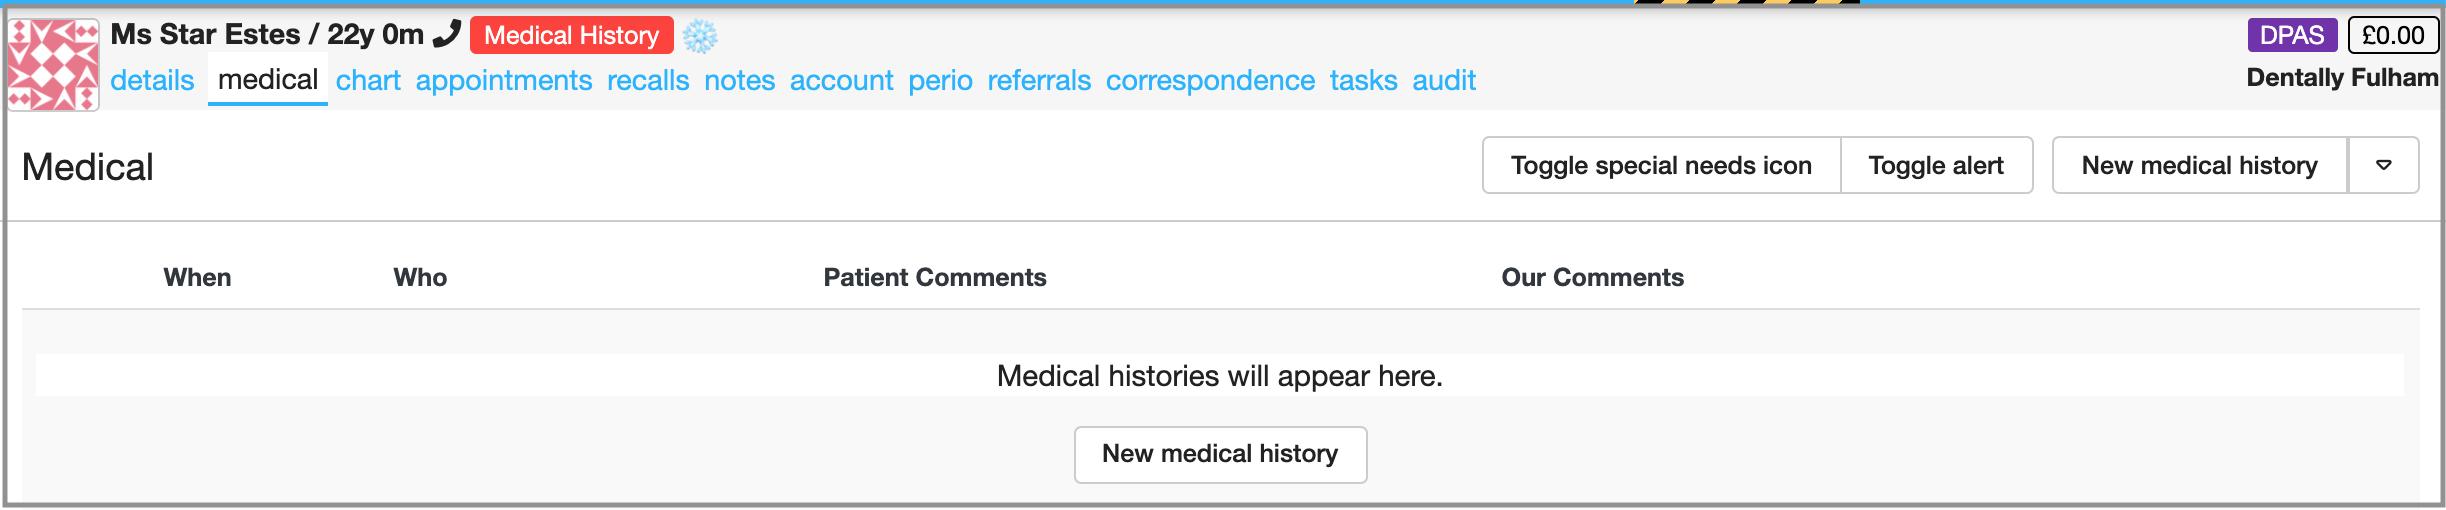 dental medical history dentally